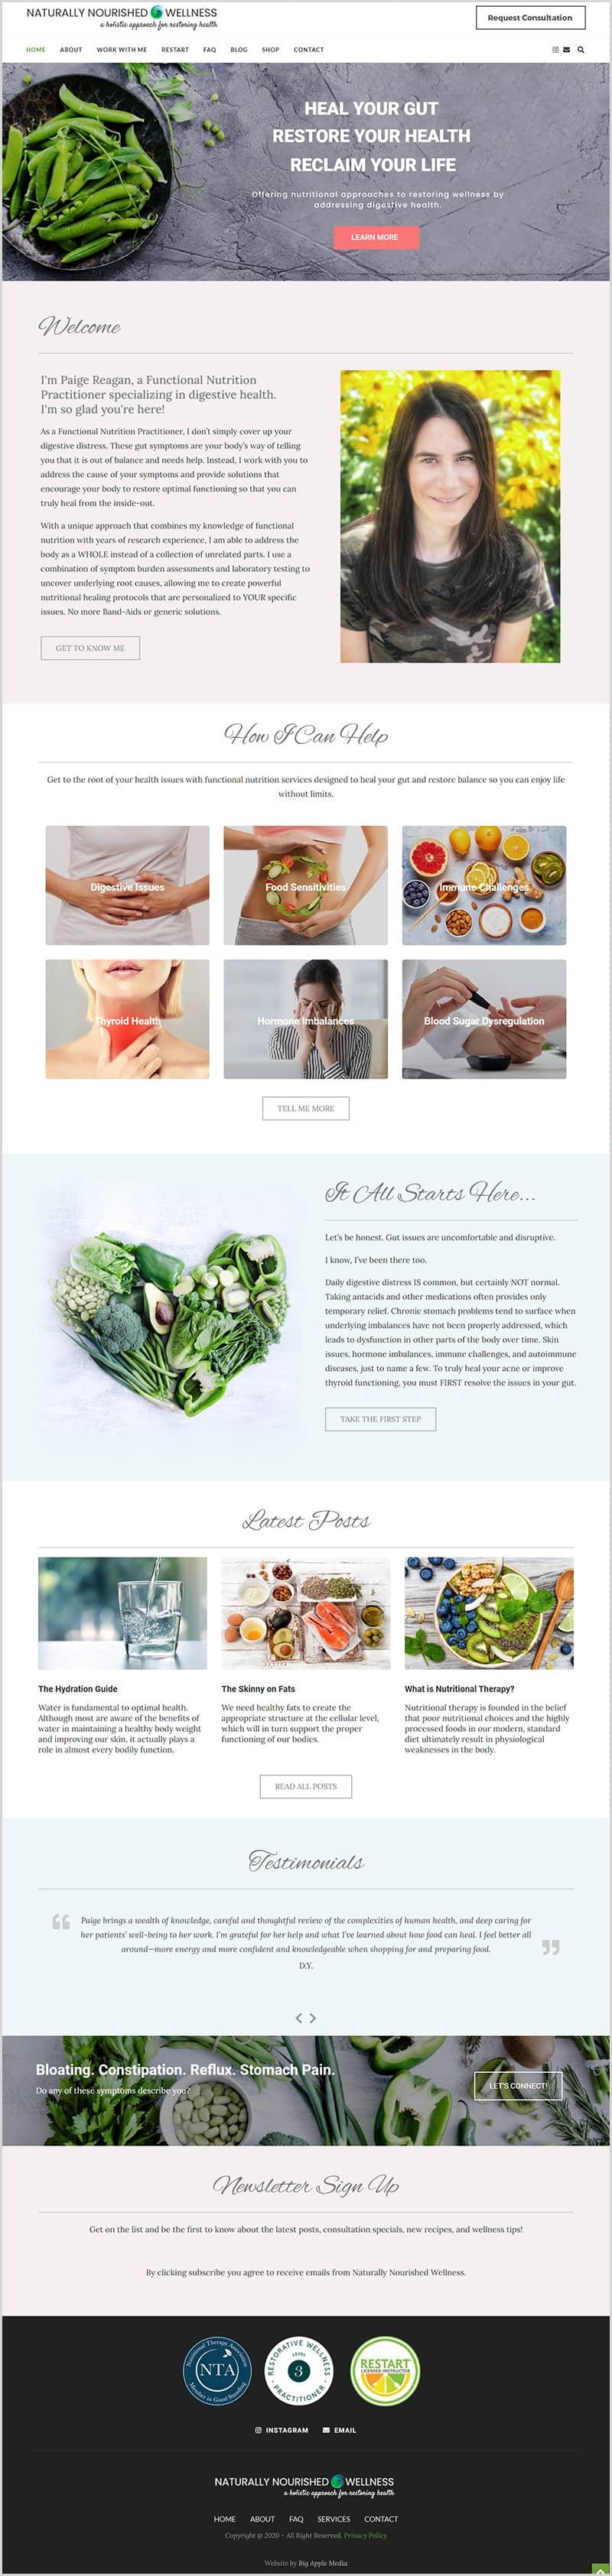 health website design and branding